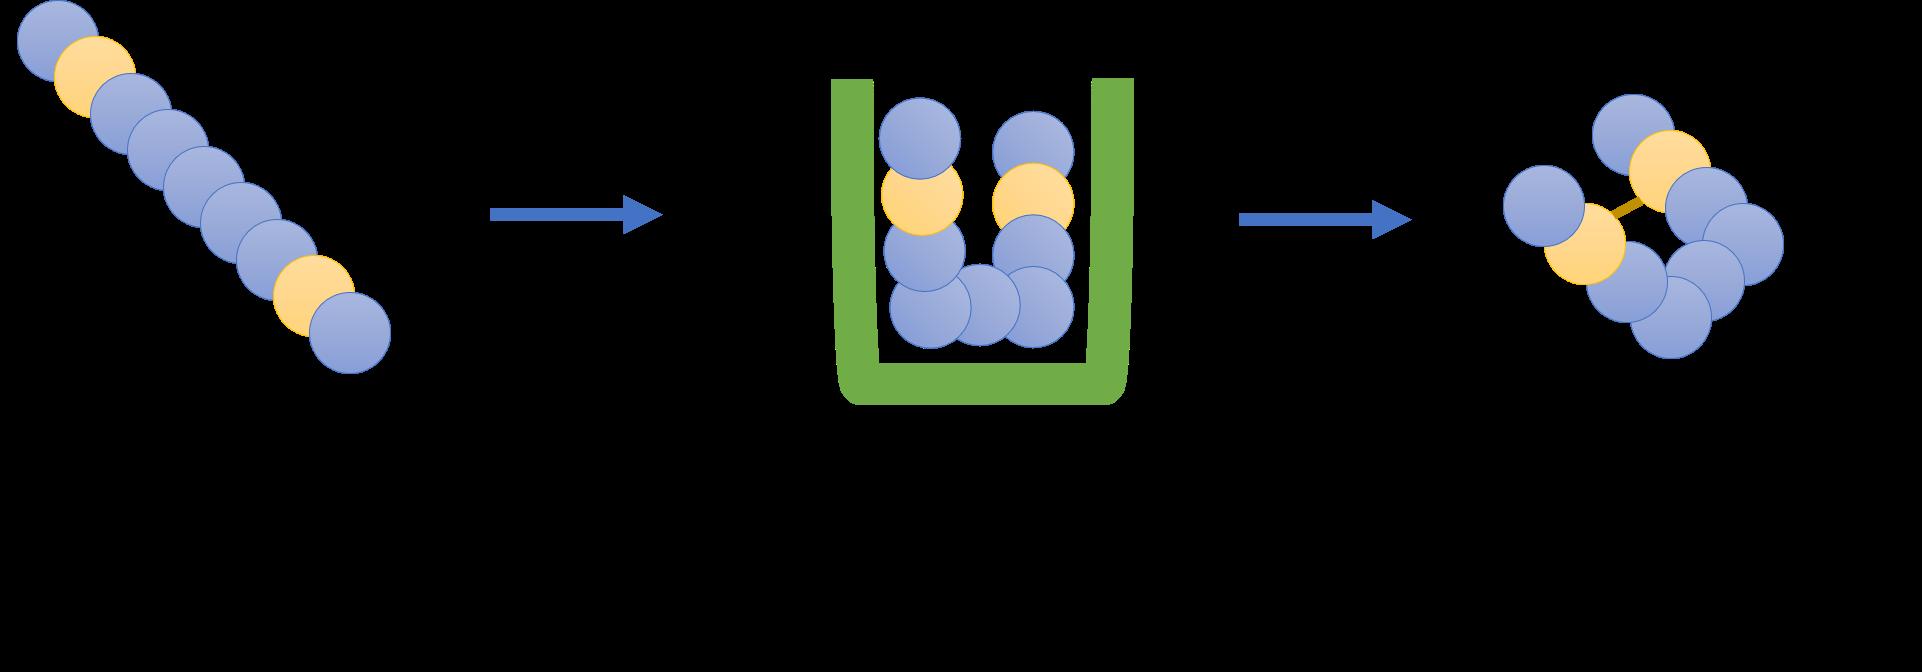 ポリペプチド鎖がシャペロンによって折り畳まれ、フォールディングする様子。